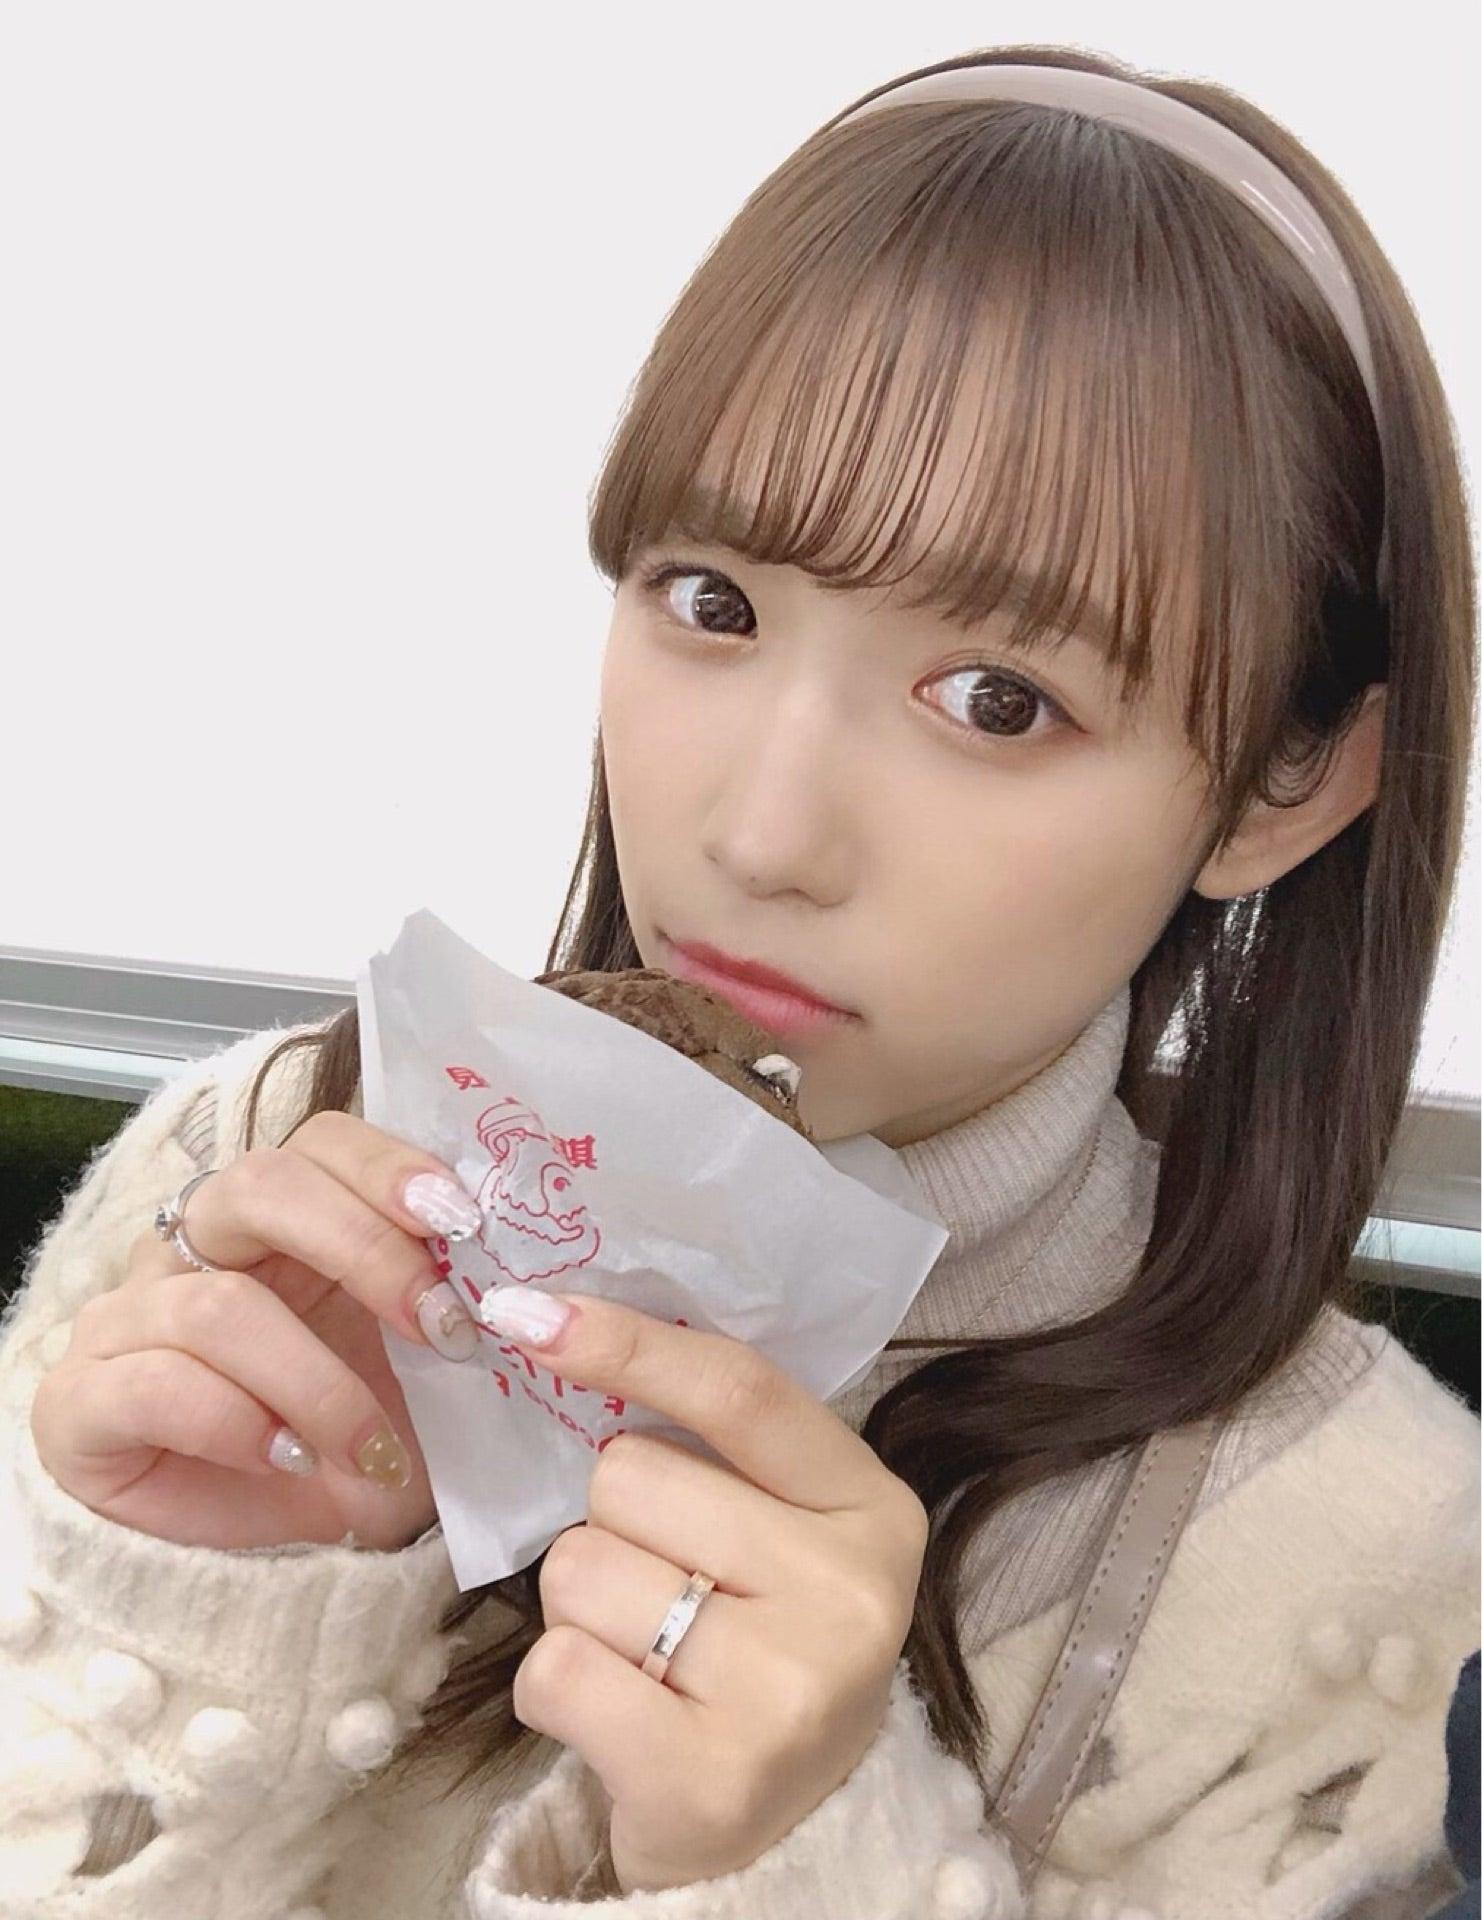 【チーム8】755 Instagram Twitter スレ★15【画像】 (1)